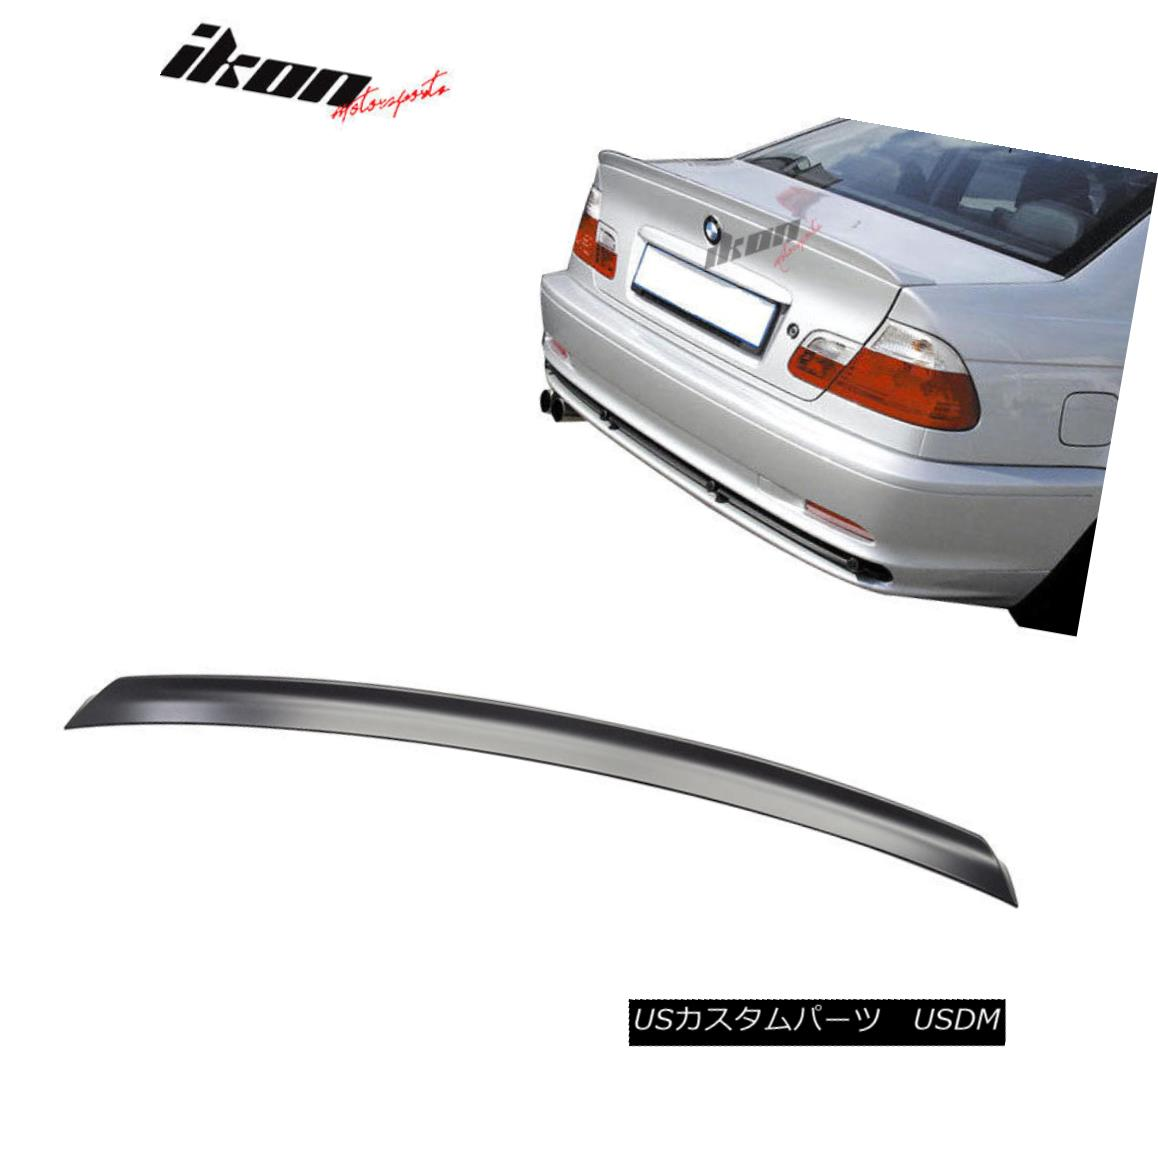 エアロパーツ 99-05 BMW E46 4Dr ACS Style Rear Trunk Spoiler Wing Lid ABS Unpainted 99-05 BMW E46 4Dr ACSスタイルリアトランク・スポイラーウィング・ライドABS無塗装